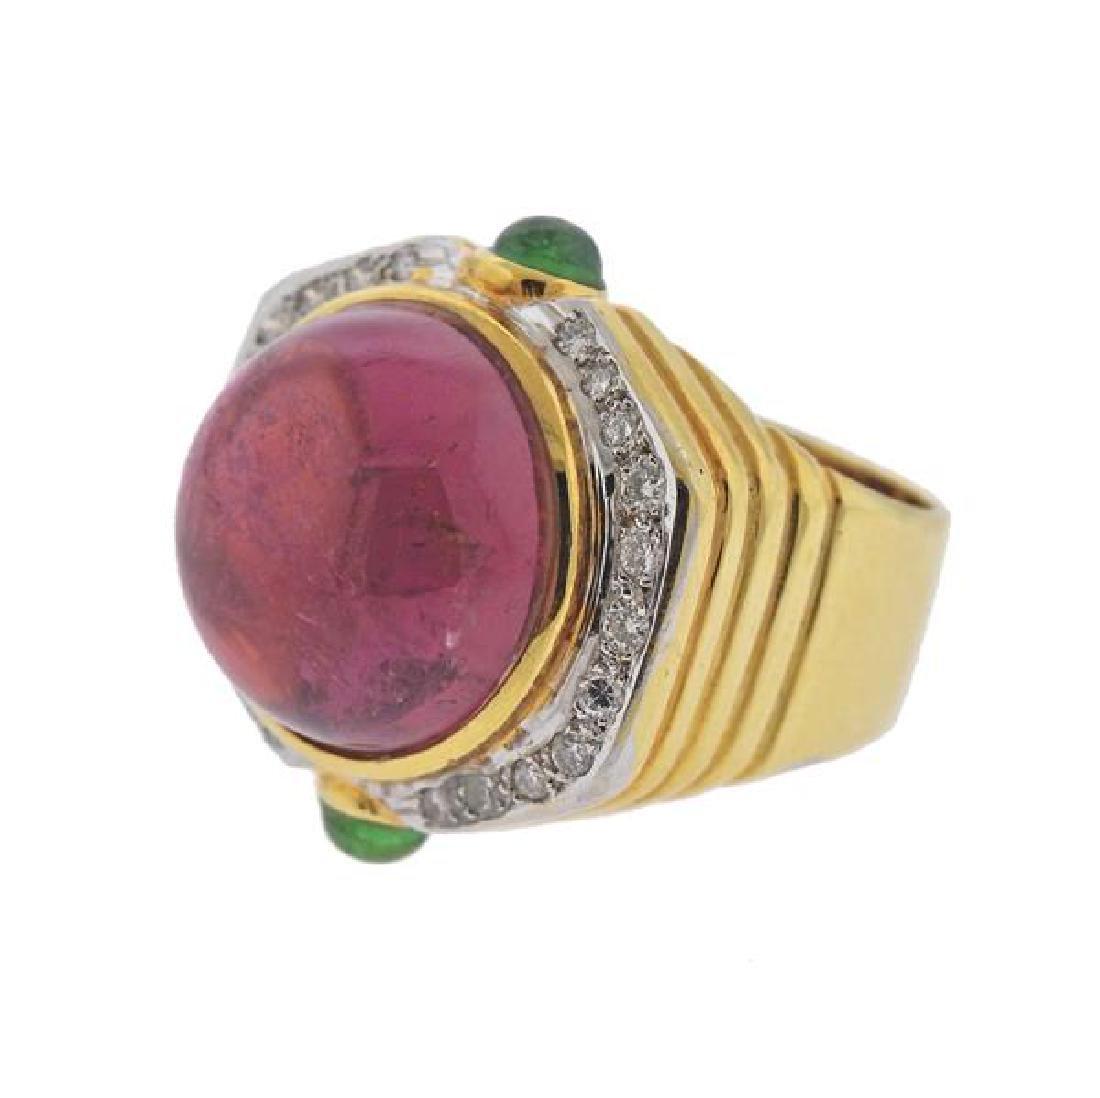 14K Gold Diamond Tourmaline Peridot Dome Ring - 2